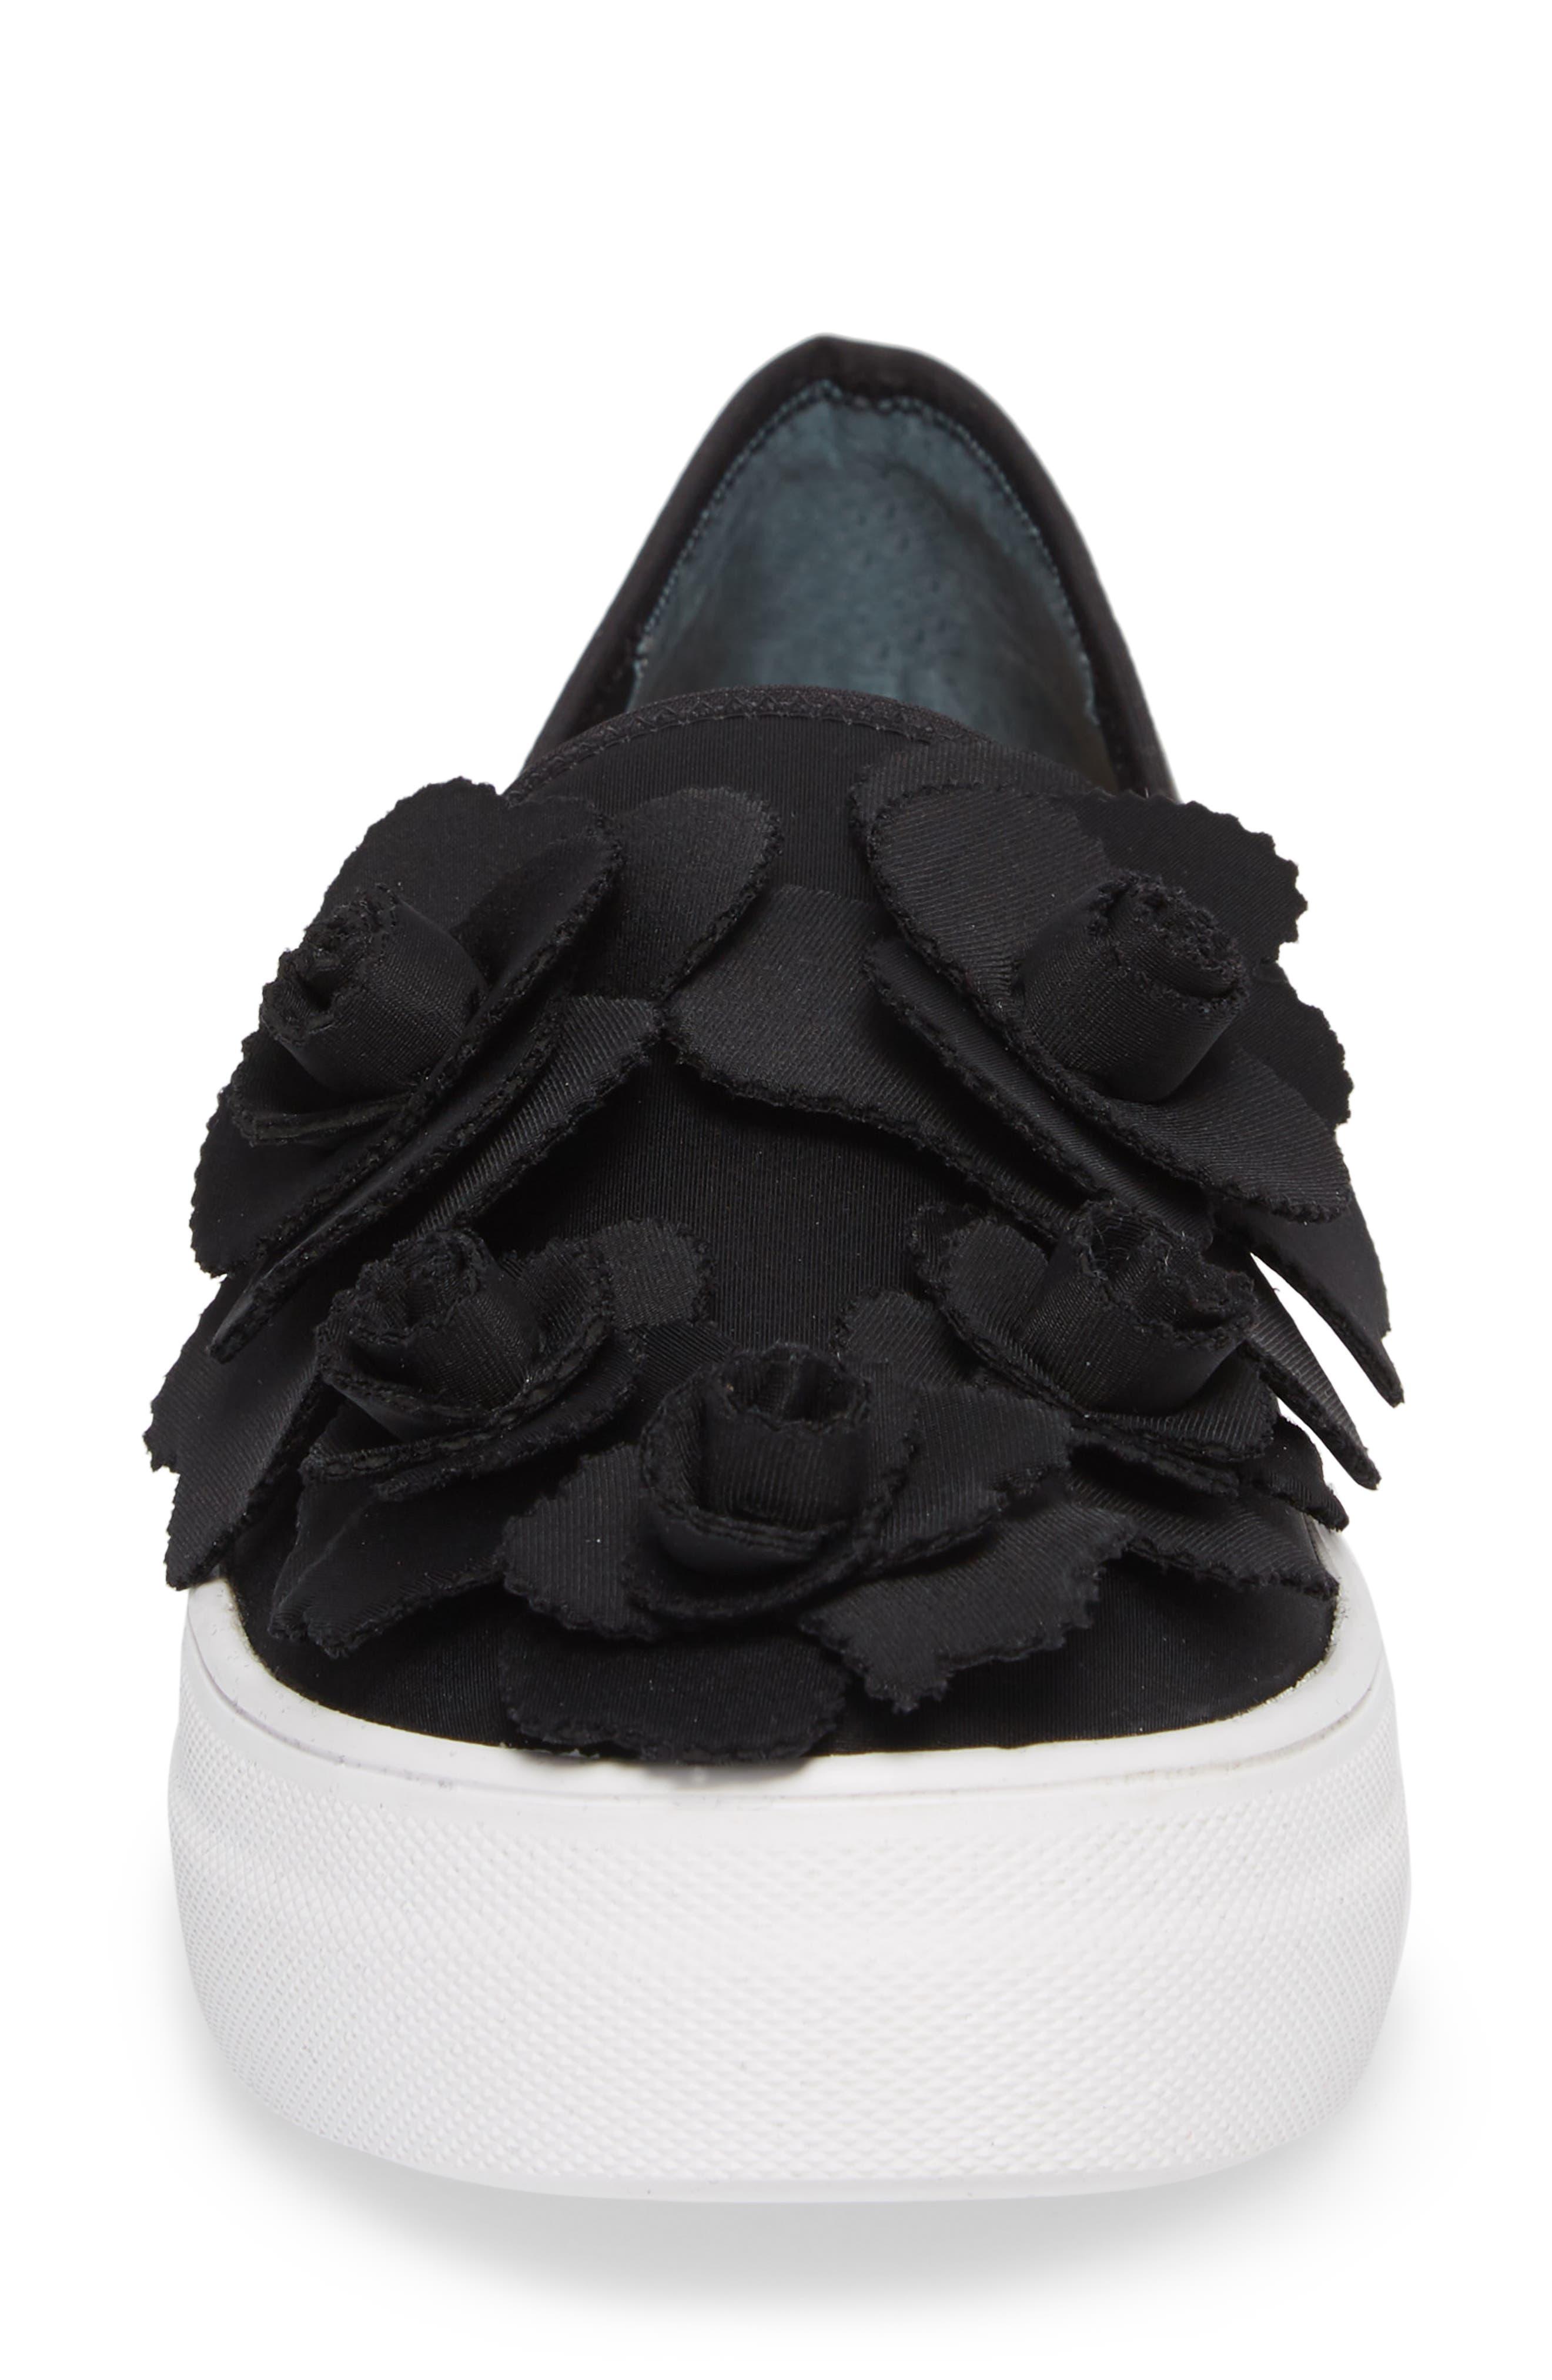 Alden Floral Embellished Slip-On Sneaker,                             Alternate thumbnail 4, color,                             Black Flower Neoprene